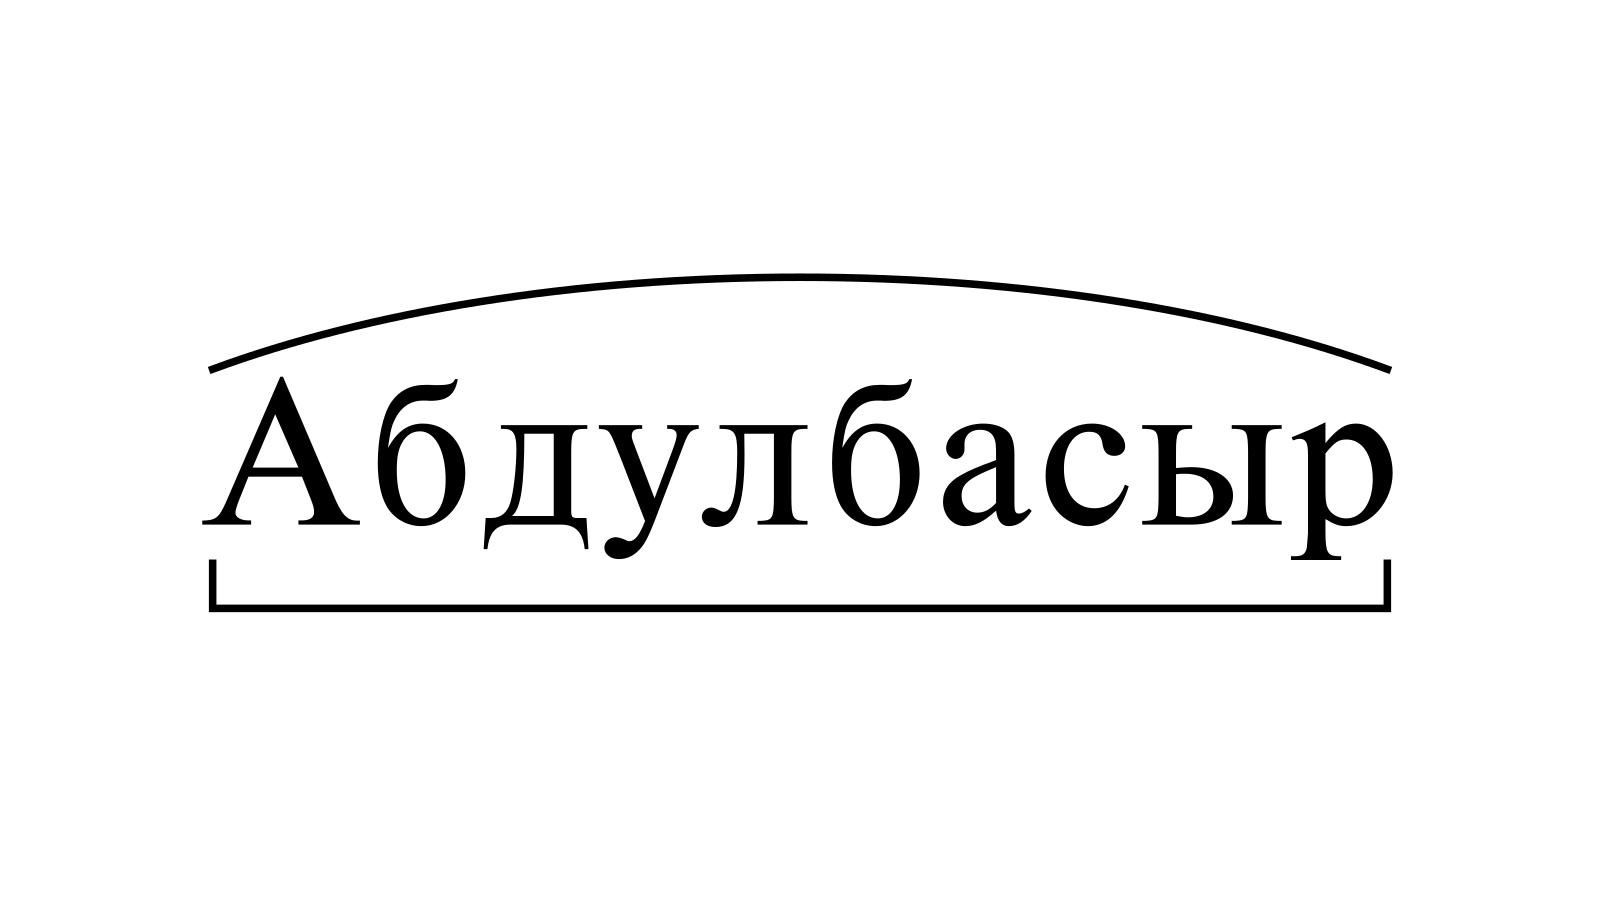 Разбор слова «Абдулбасыр» по составу